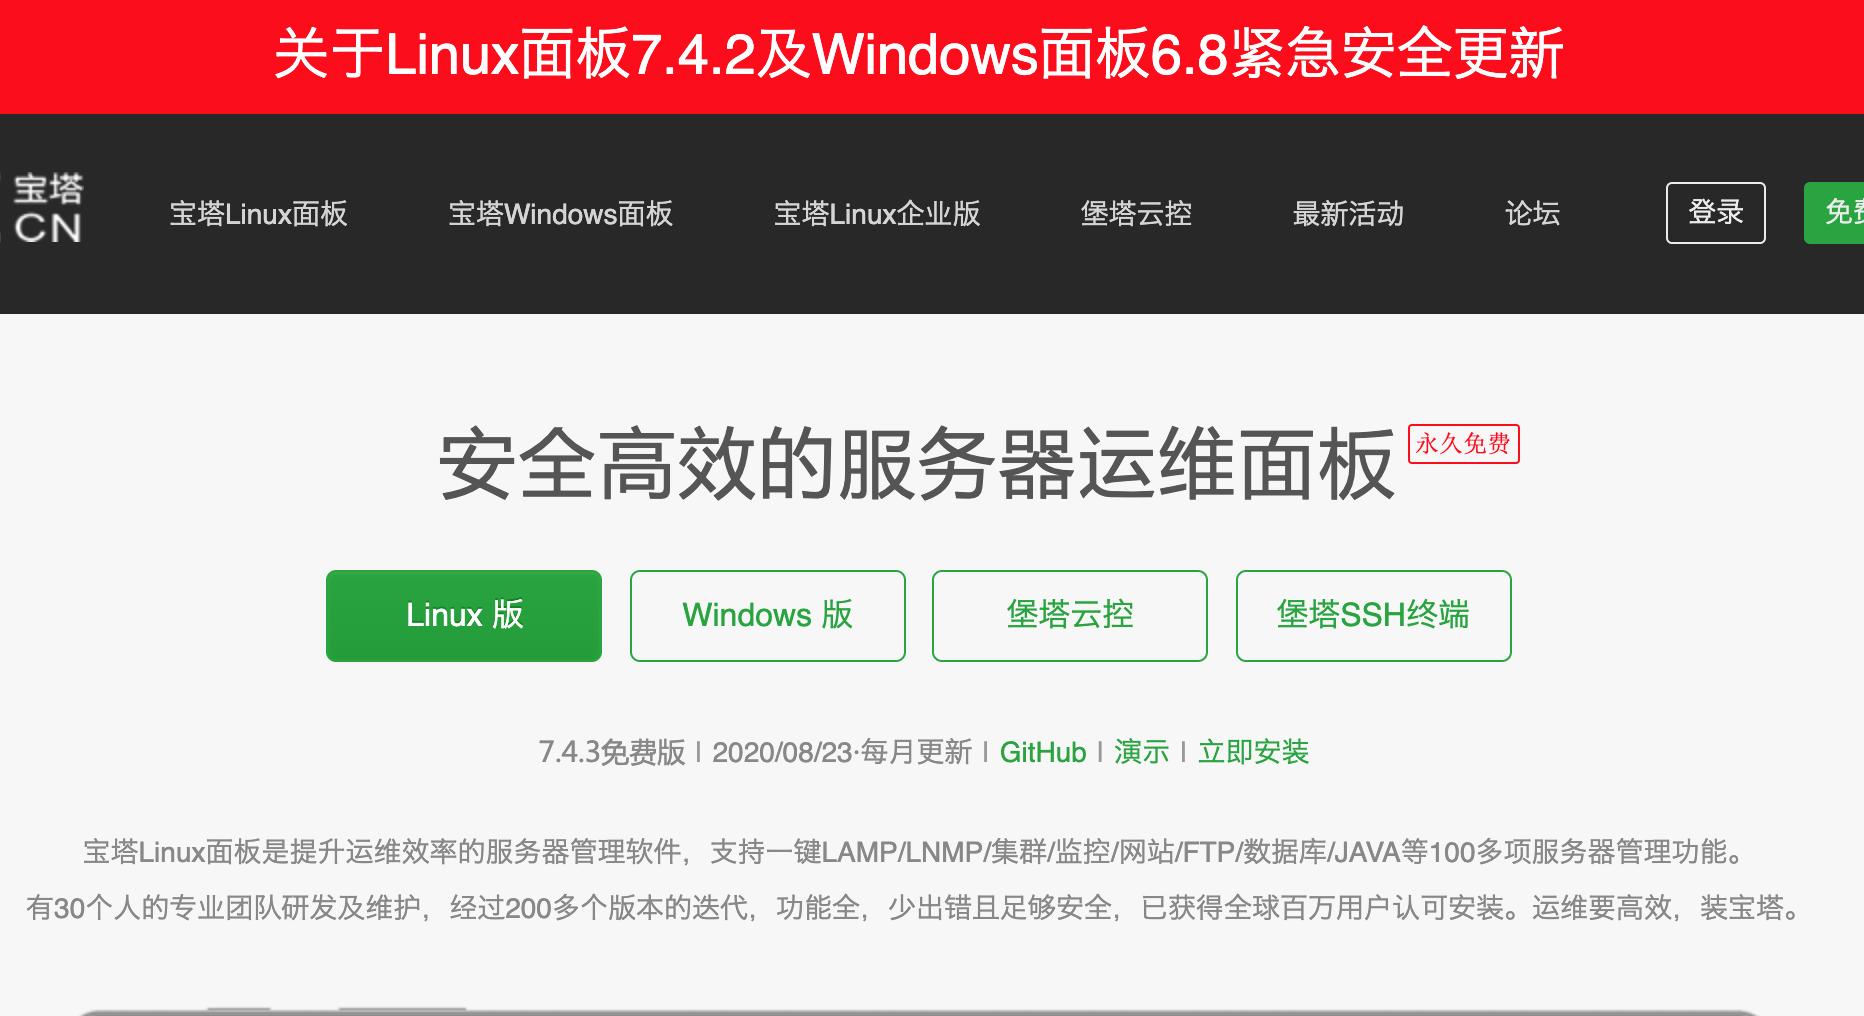 # 宝塔面板炸窝了,Linux7.4.2 Windows6.8!赶紧检查检查自检是那个版本。